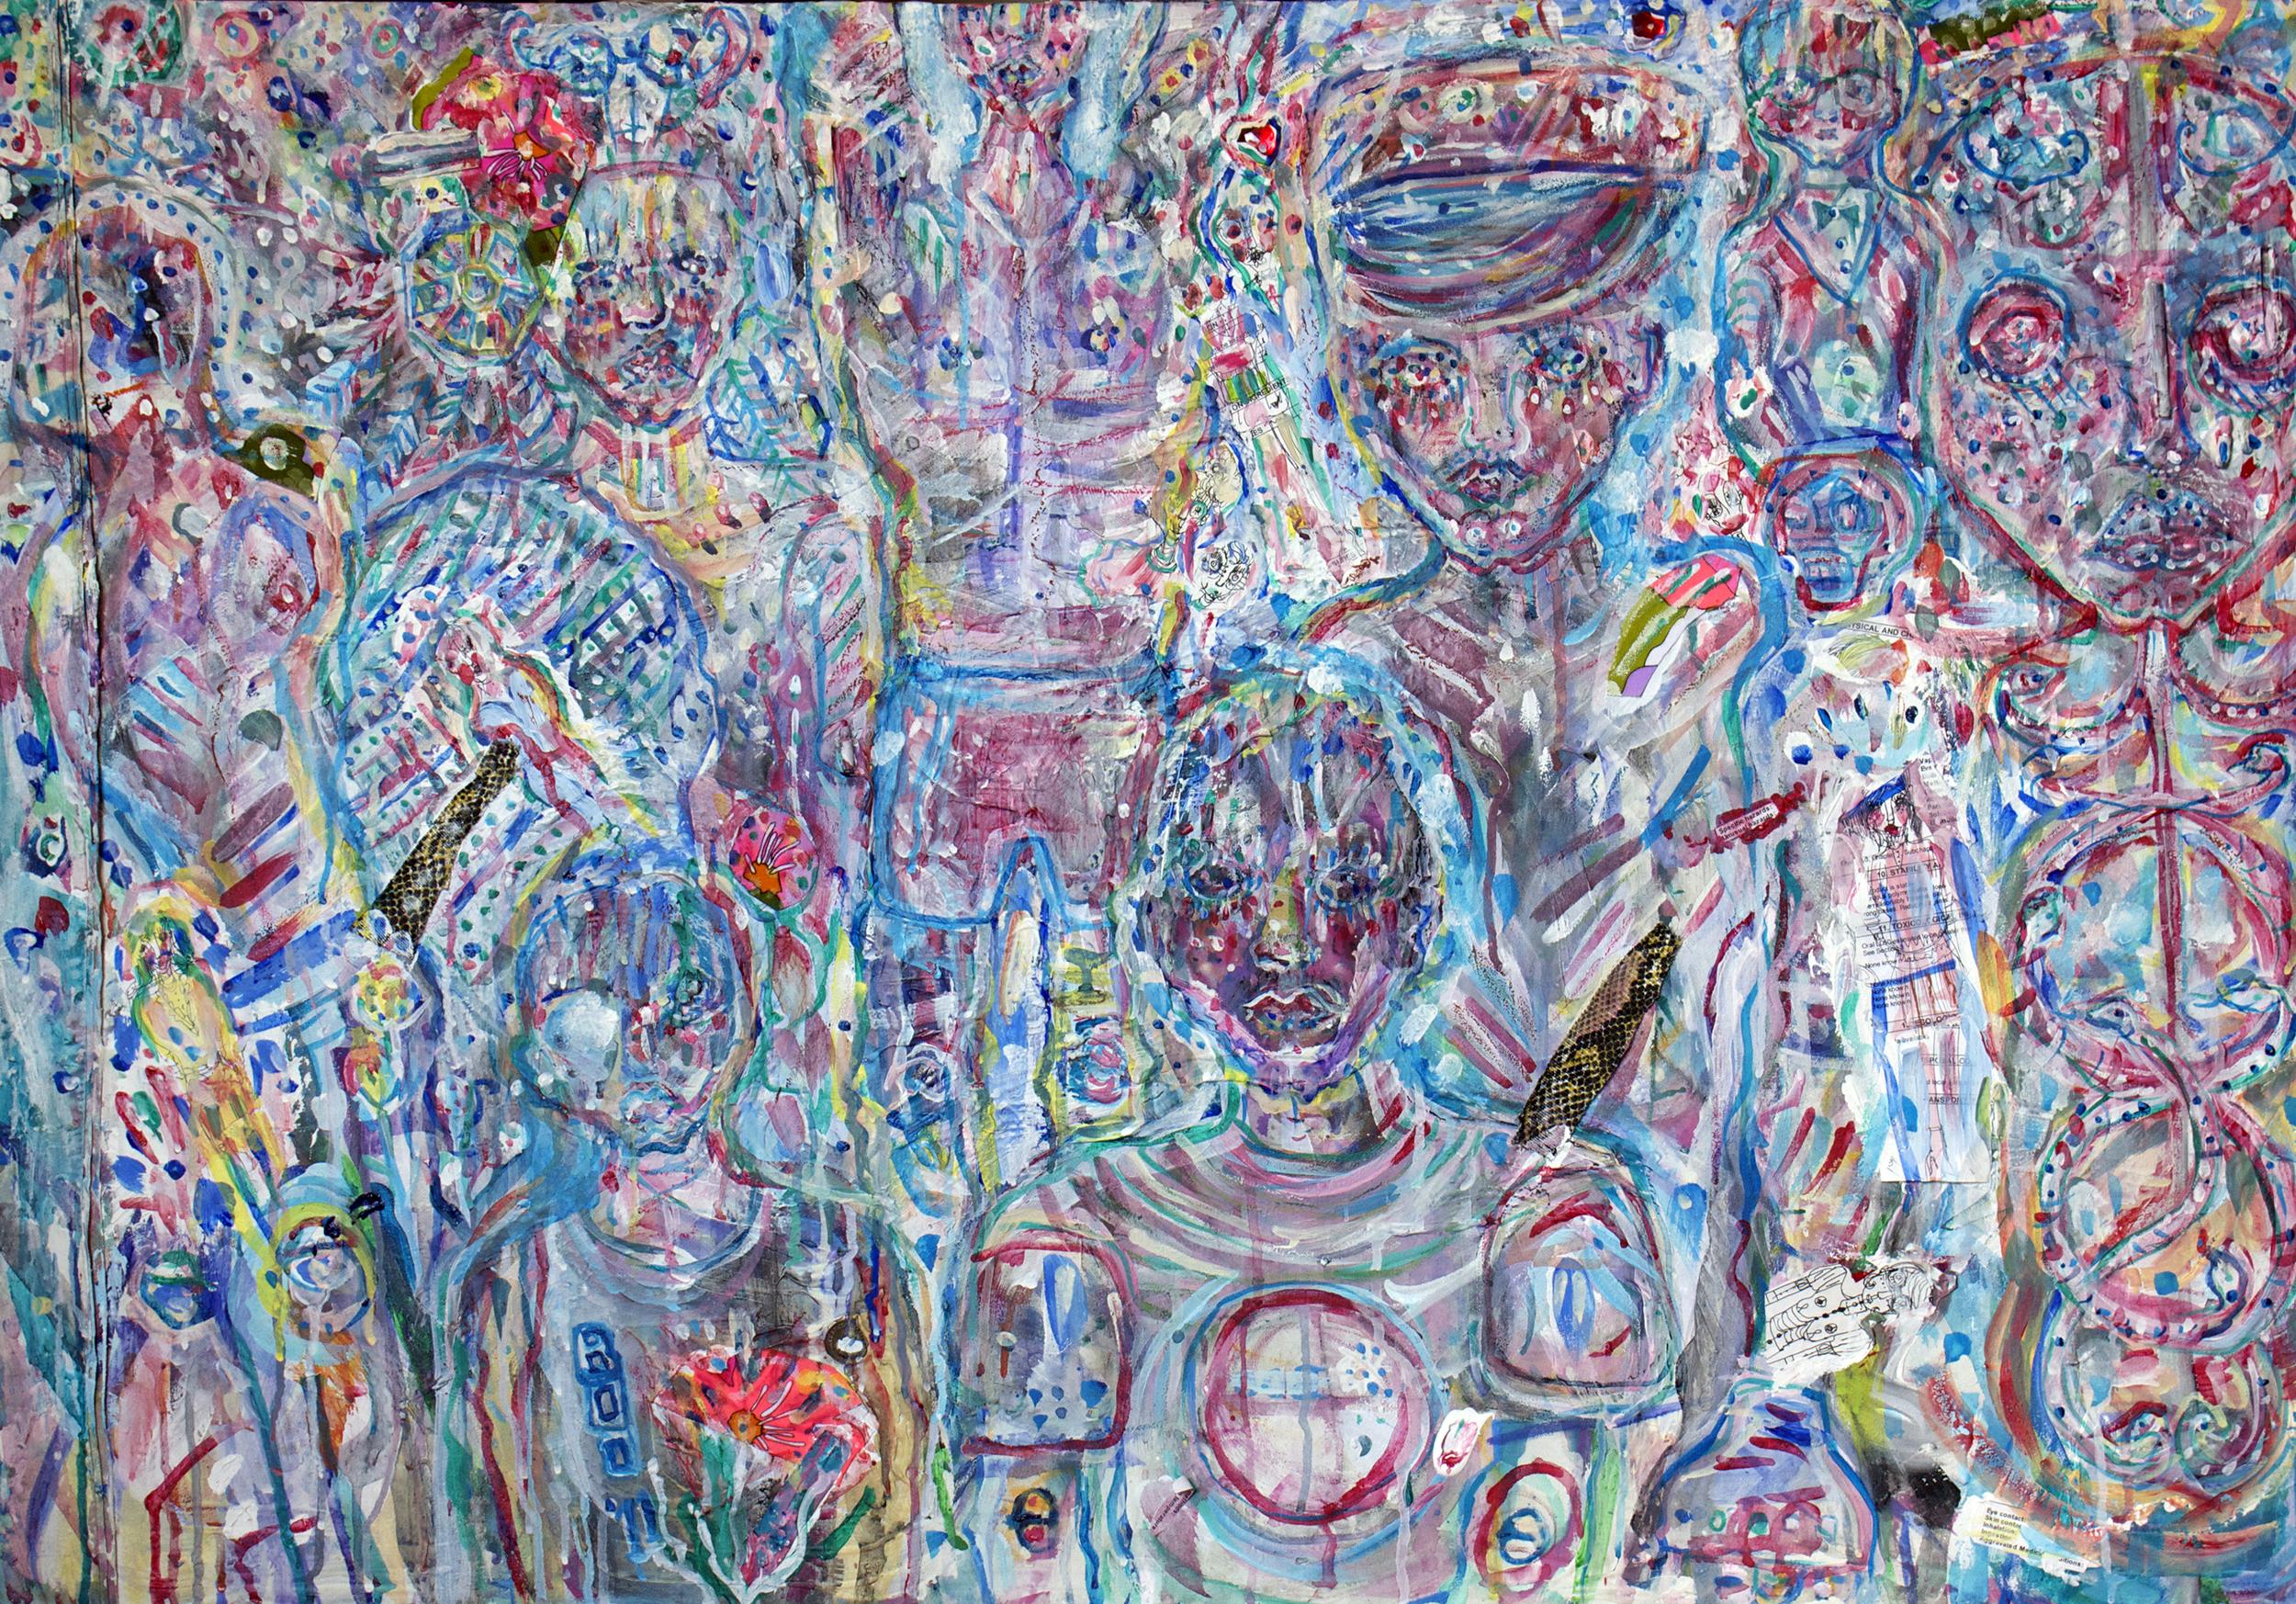 VillagePeeps, mixed media on canvas, 2.5x3.5ft, 2011